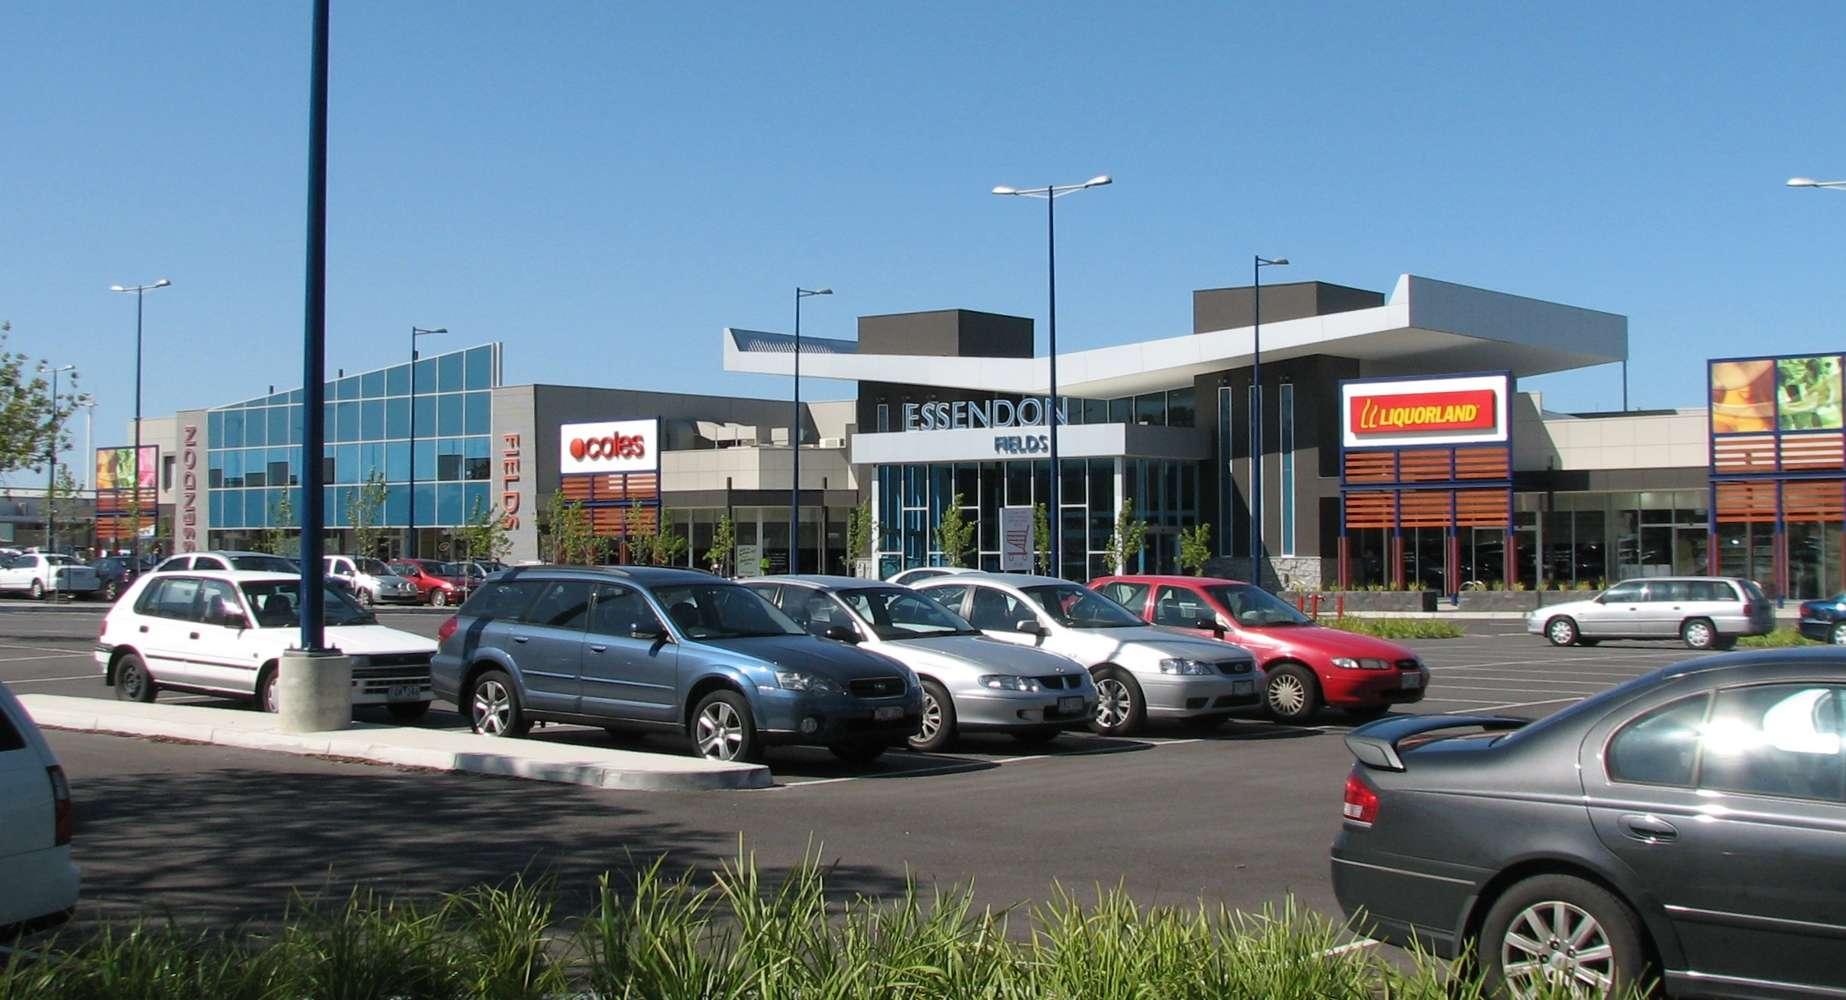 Vùng ngoại ô Essendon của Melbourne cách trung tâm không quá xa mà giá thuê nhà rẻ